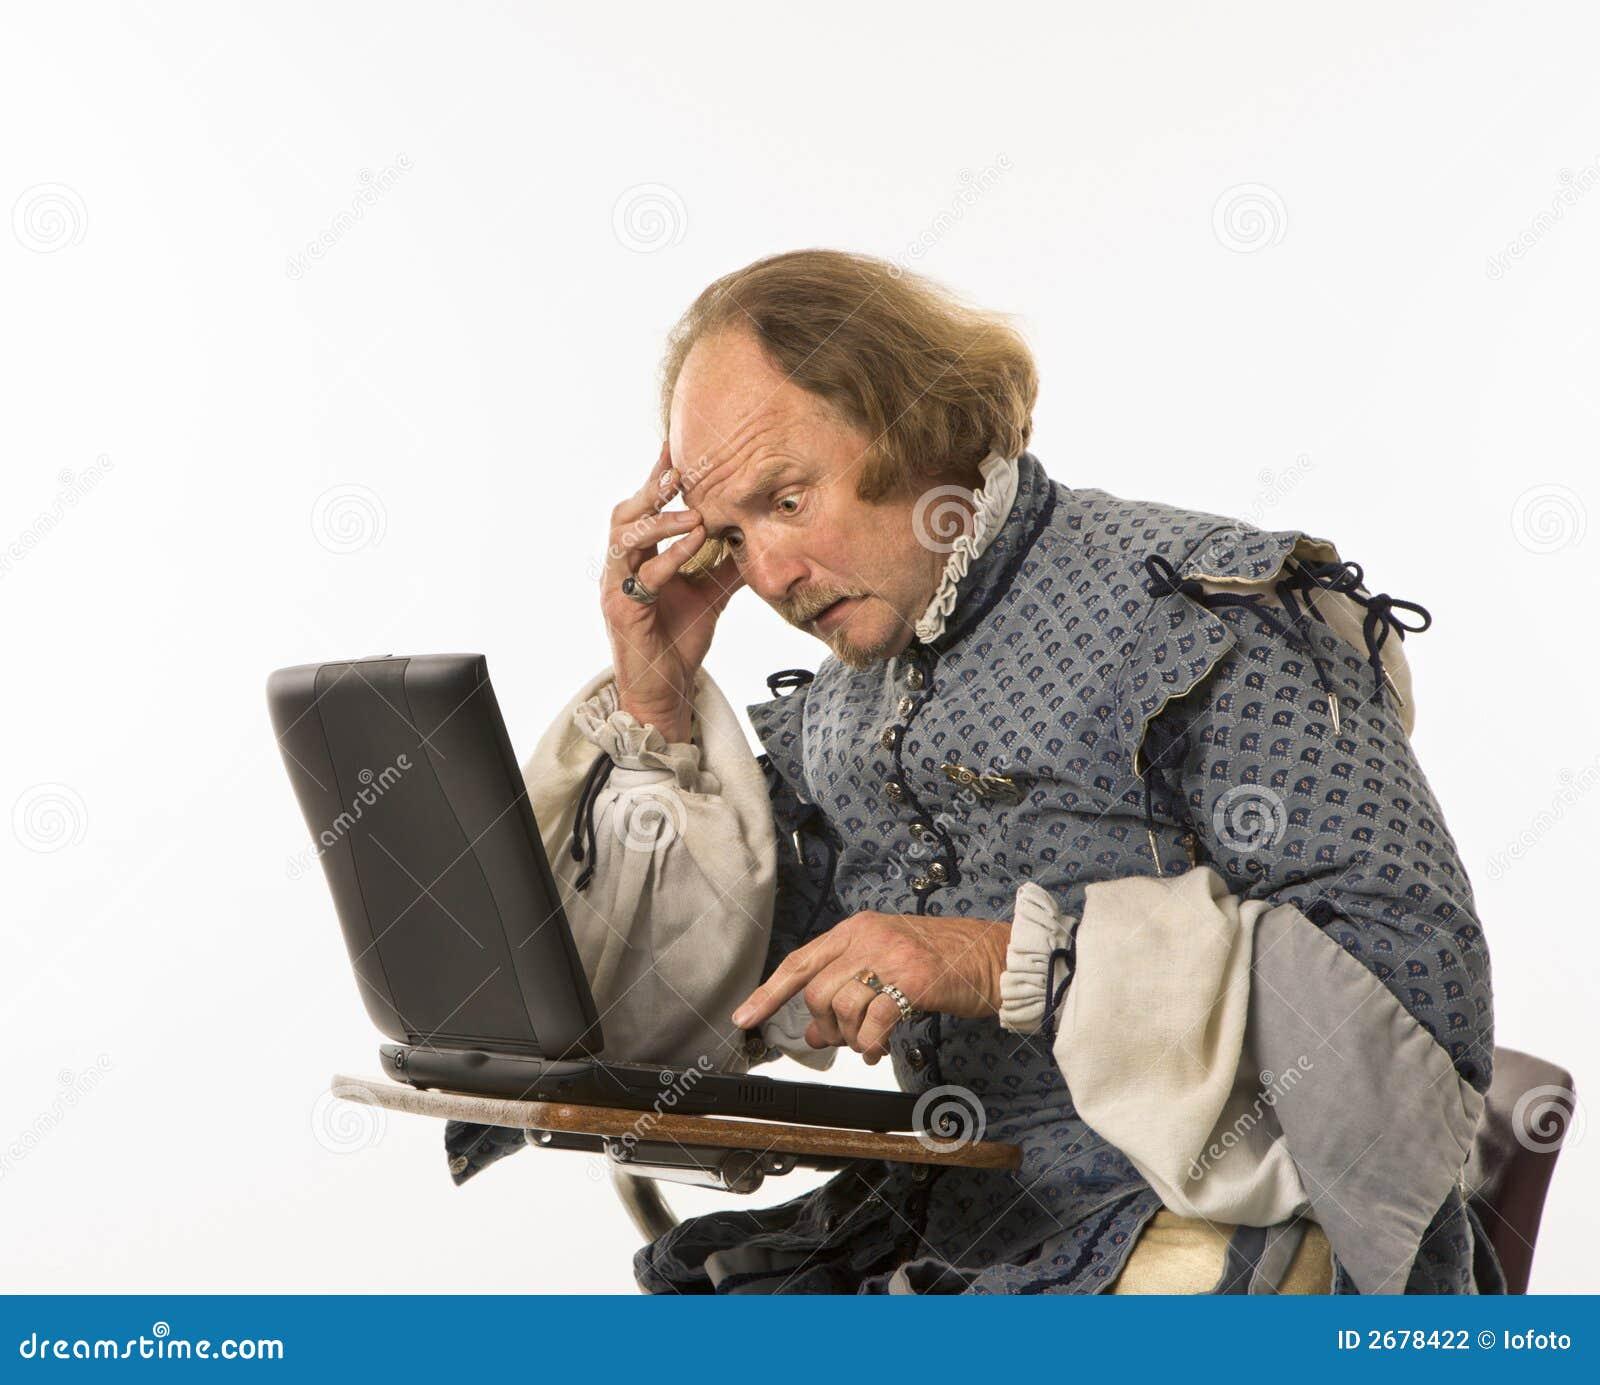 Shakespeare die laptop met behulp van.